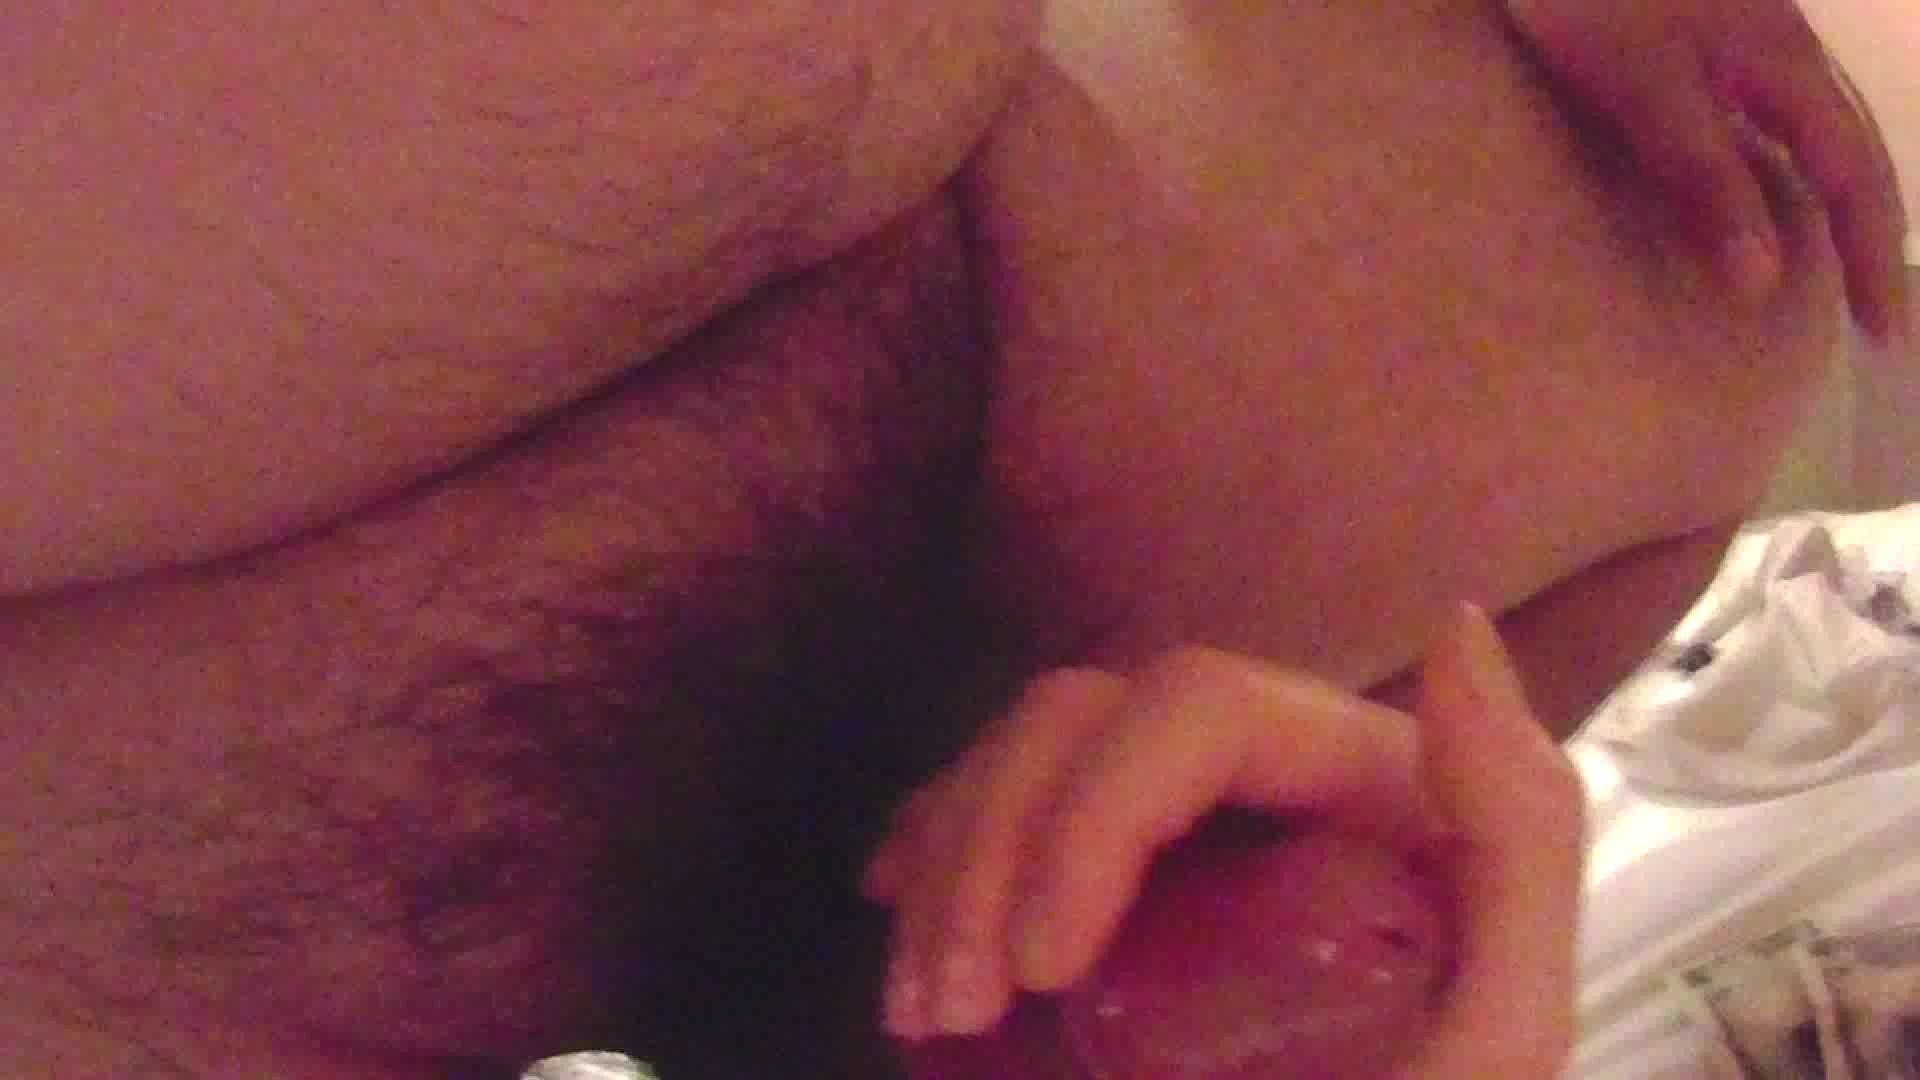 vol.3 ぎこちないフェラも18歳らしくて良いですね 顔出しNG一般女性  102pic 10